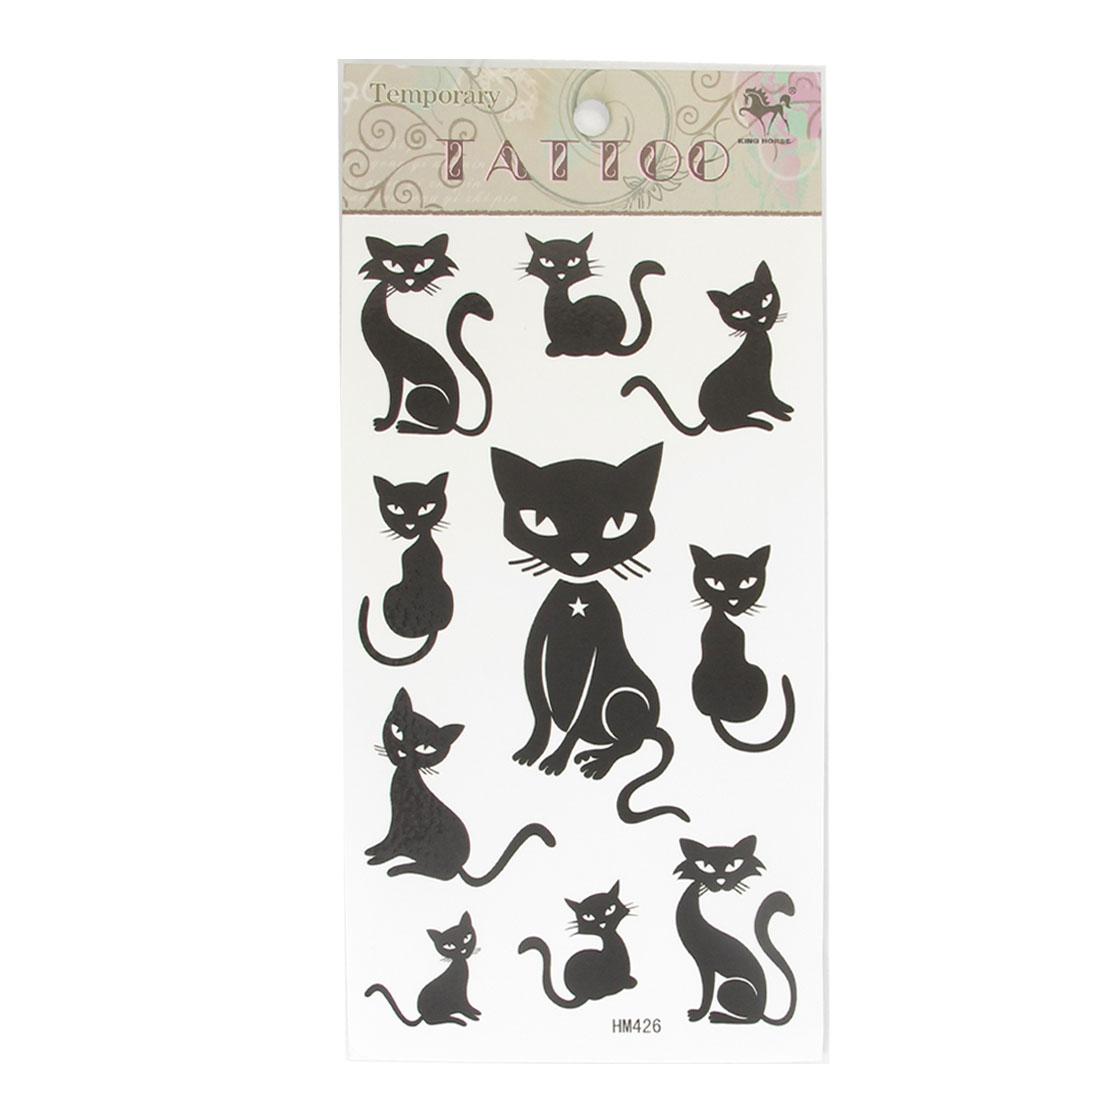 Black Multiple Figure Kitten Prints Transfer Tattos Seal Skin Beauty Decal